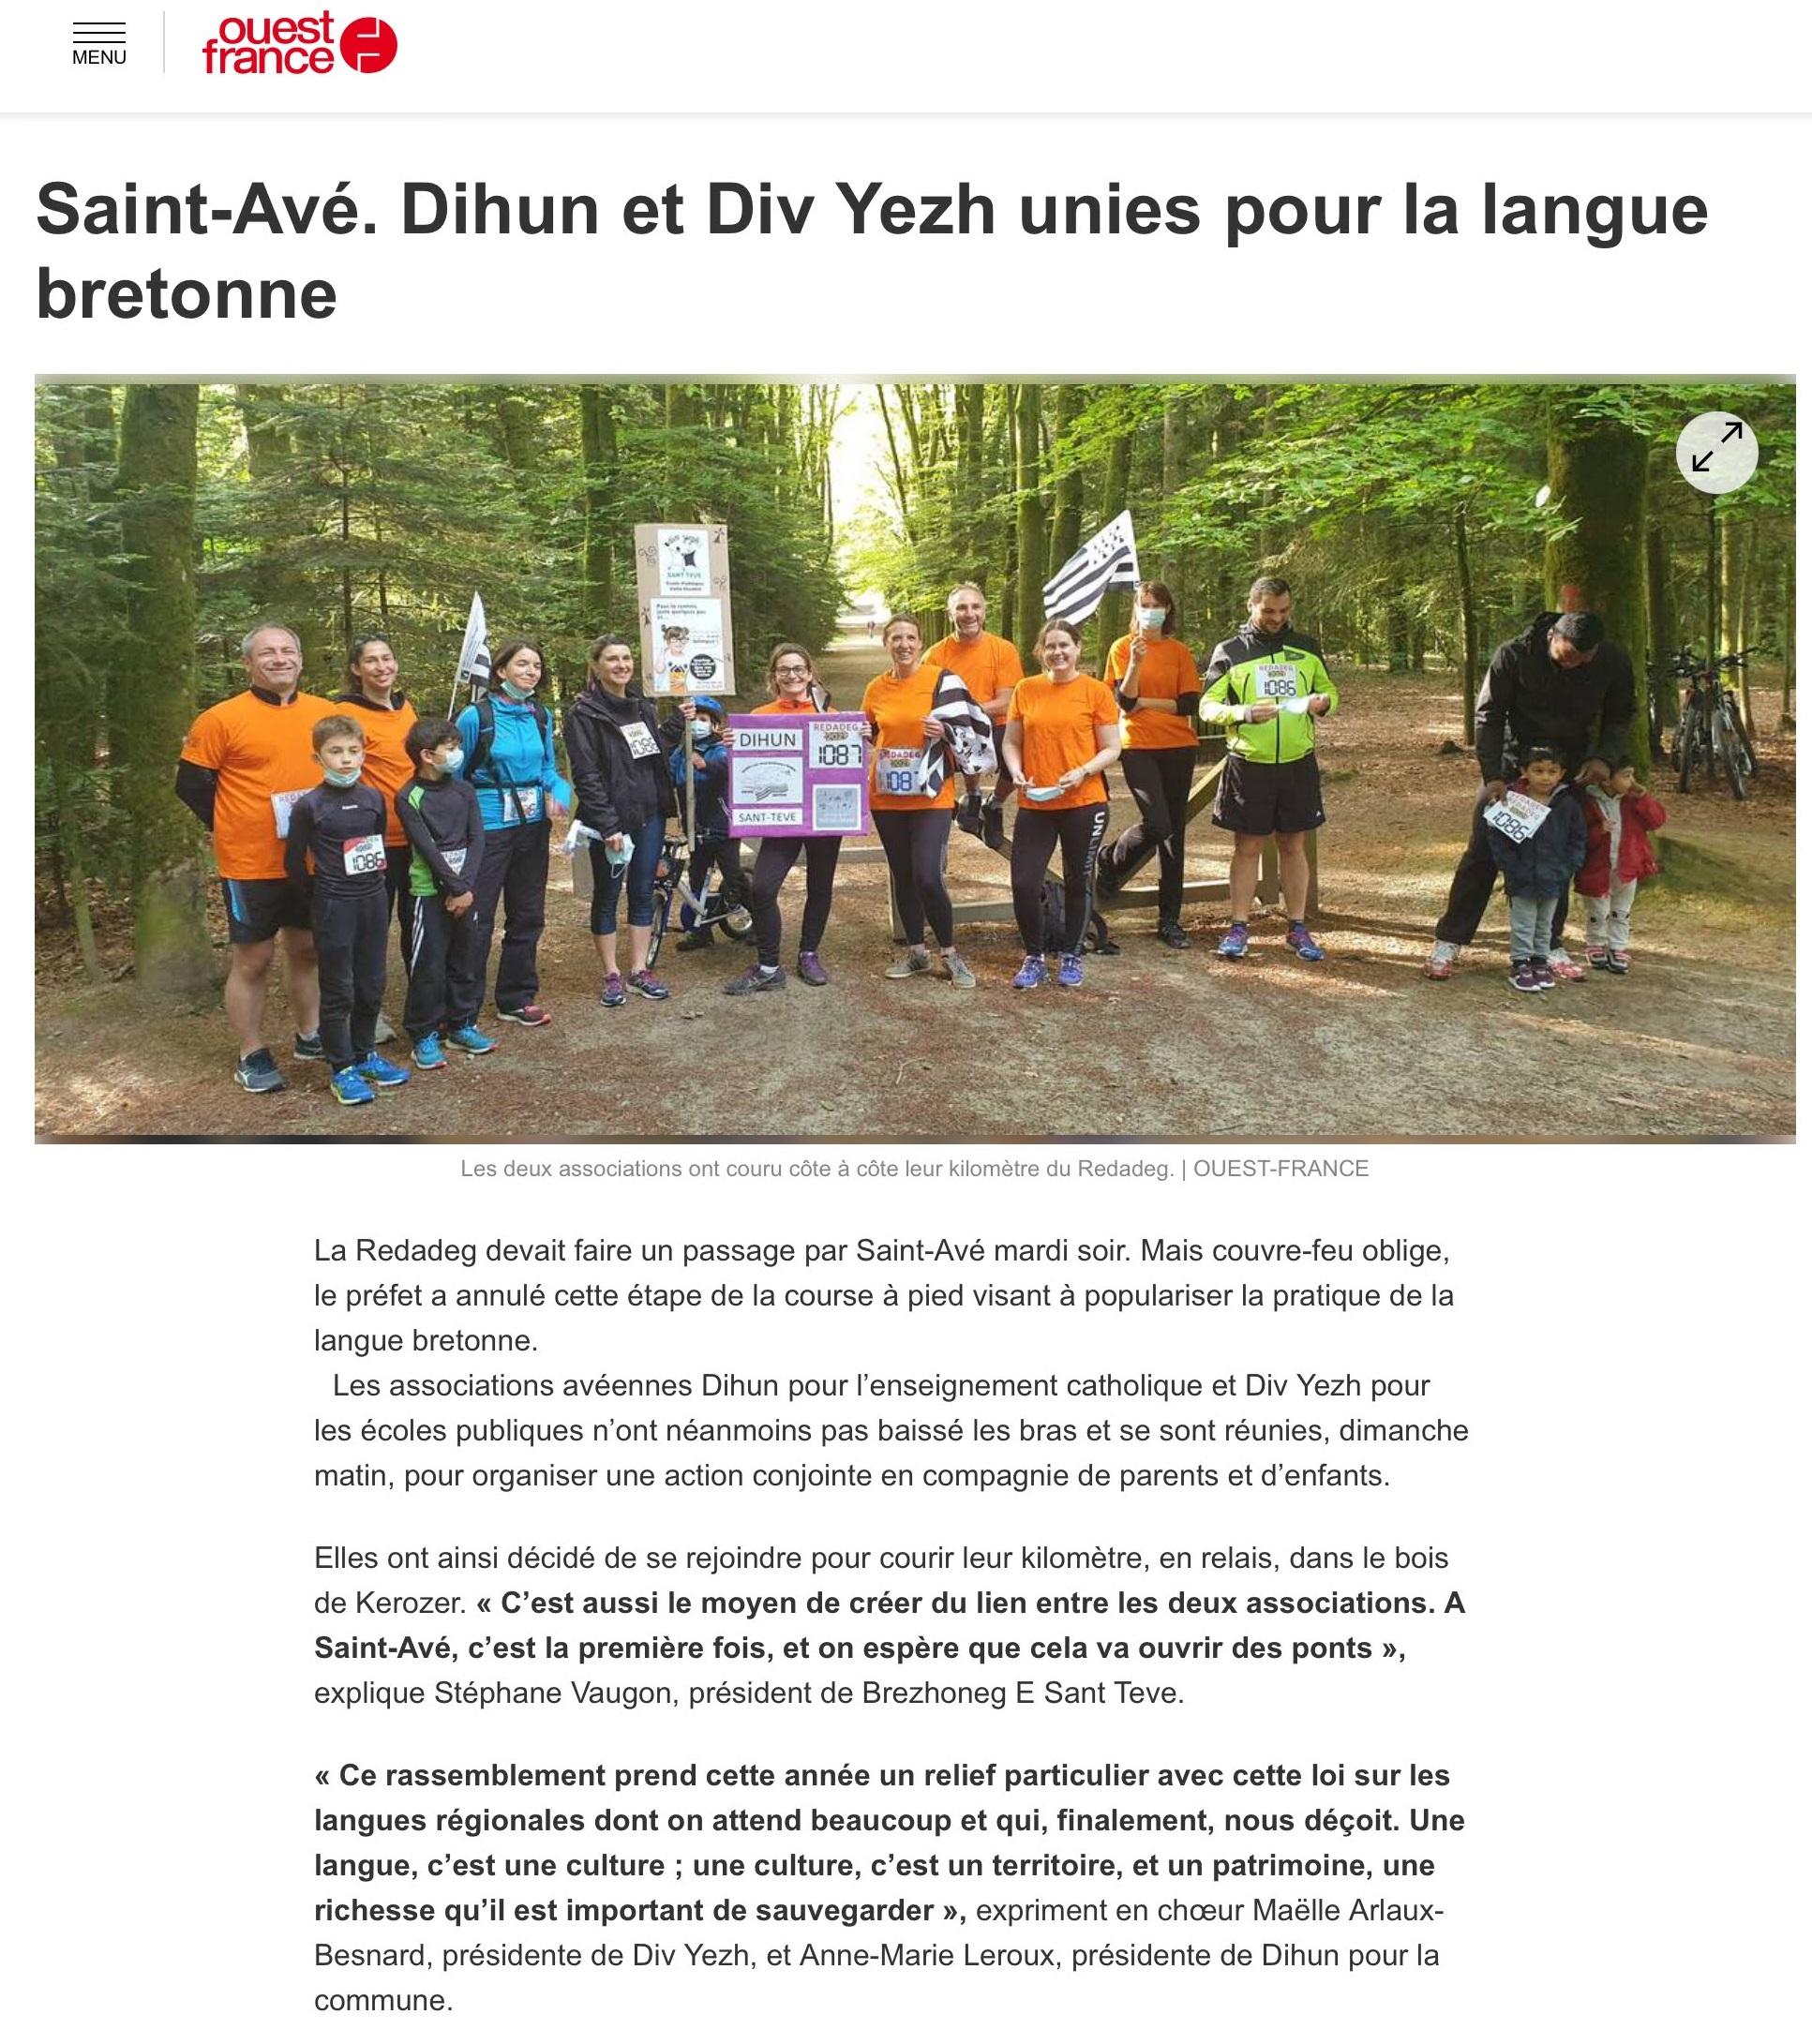 Dihun et Div Yezh unies pour la langue bretonne